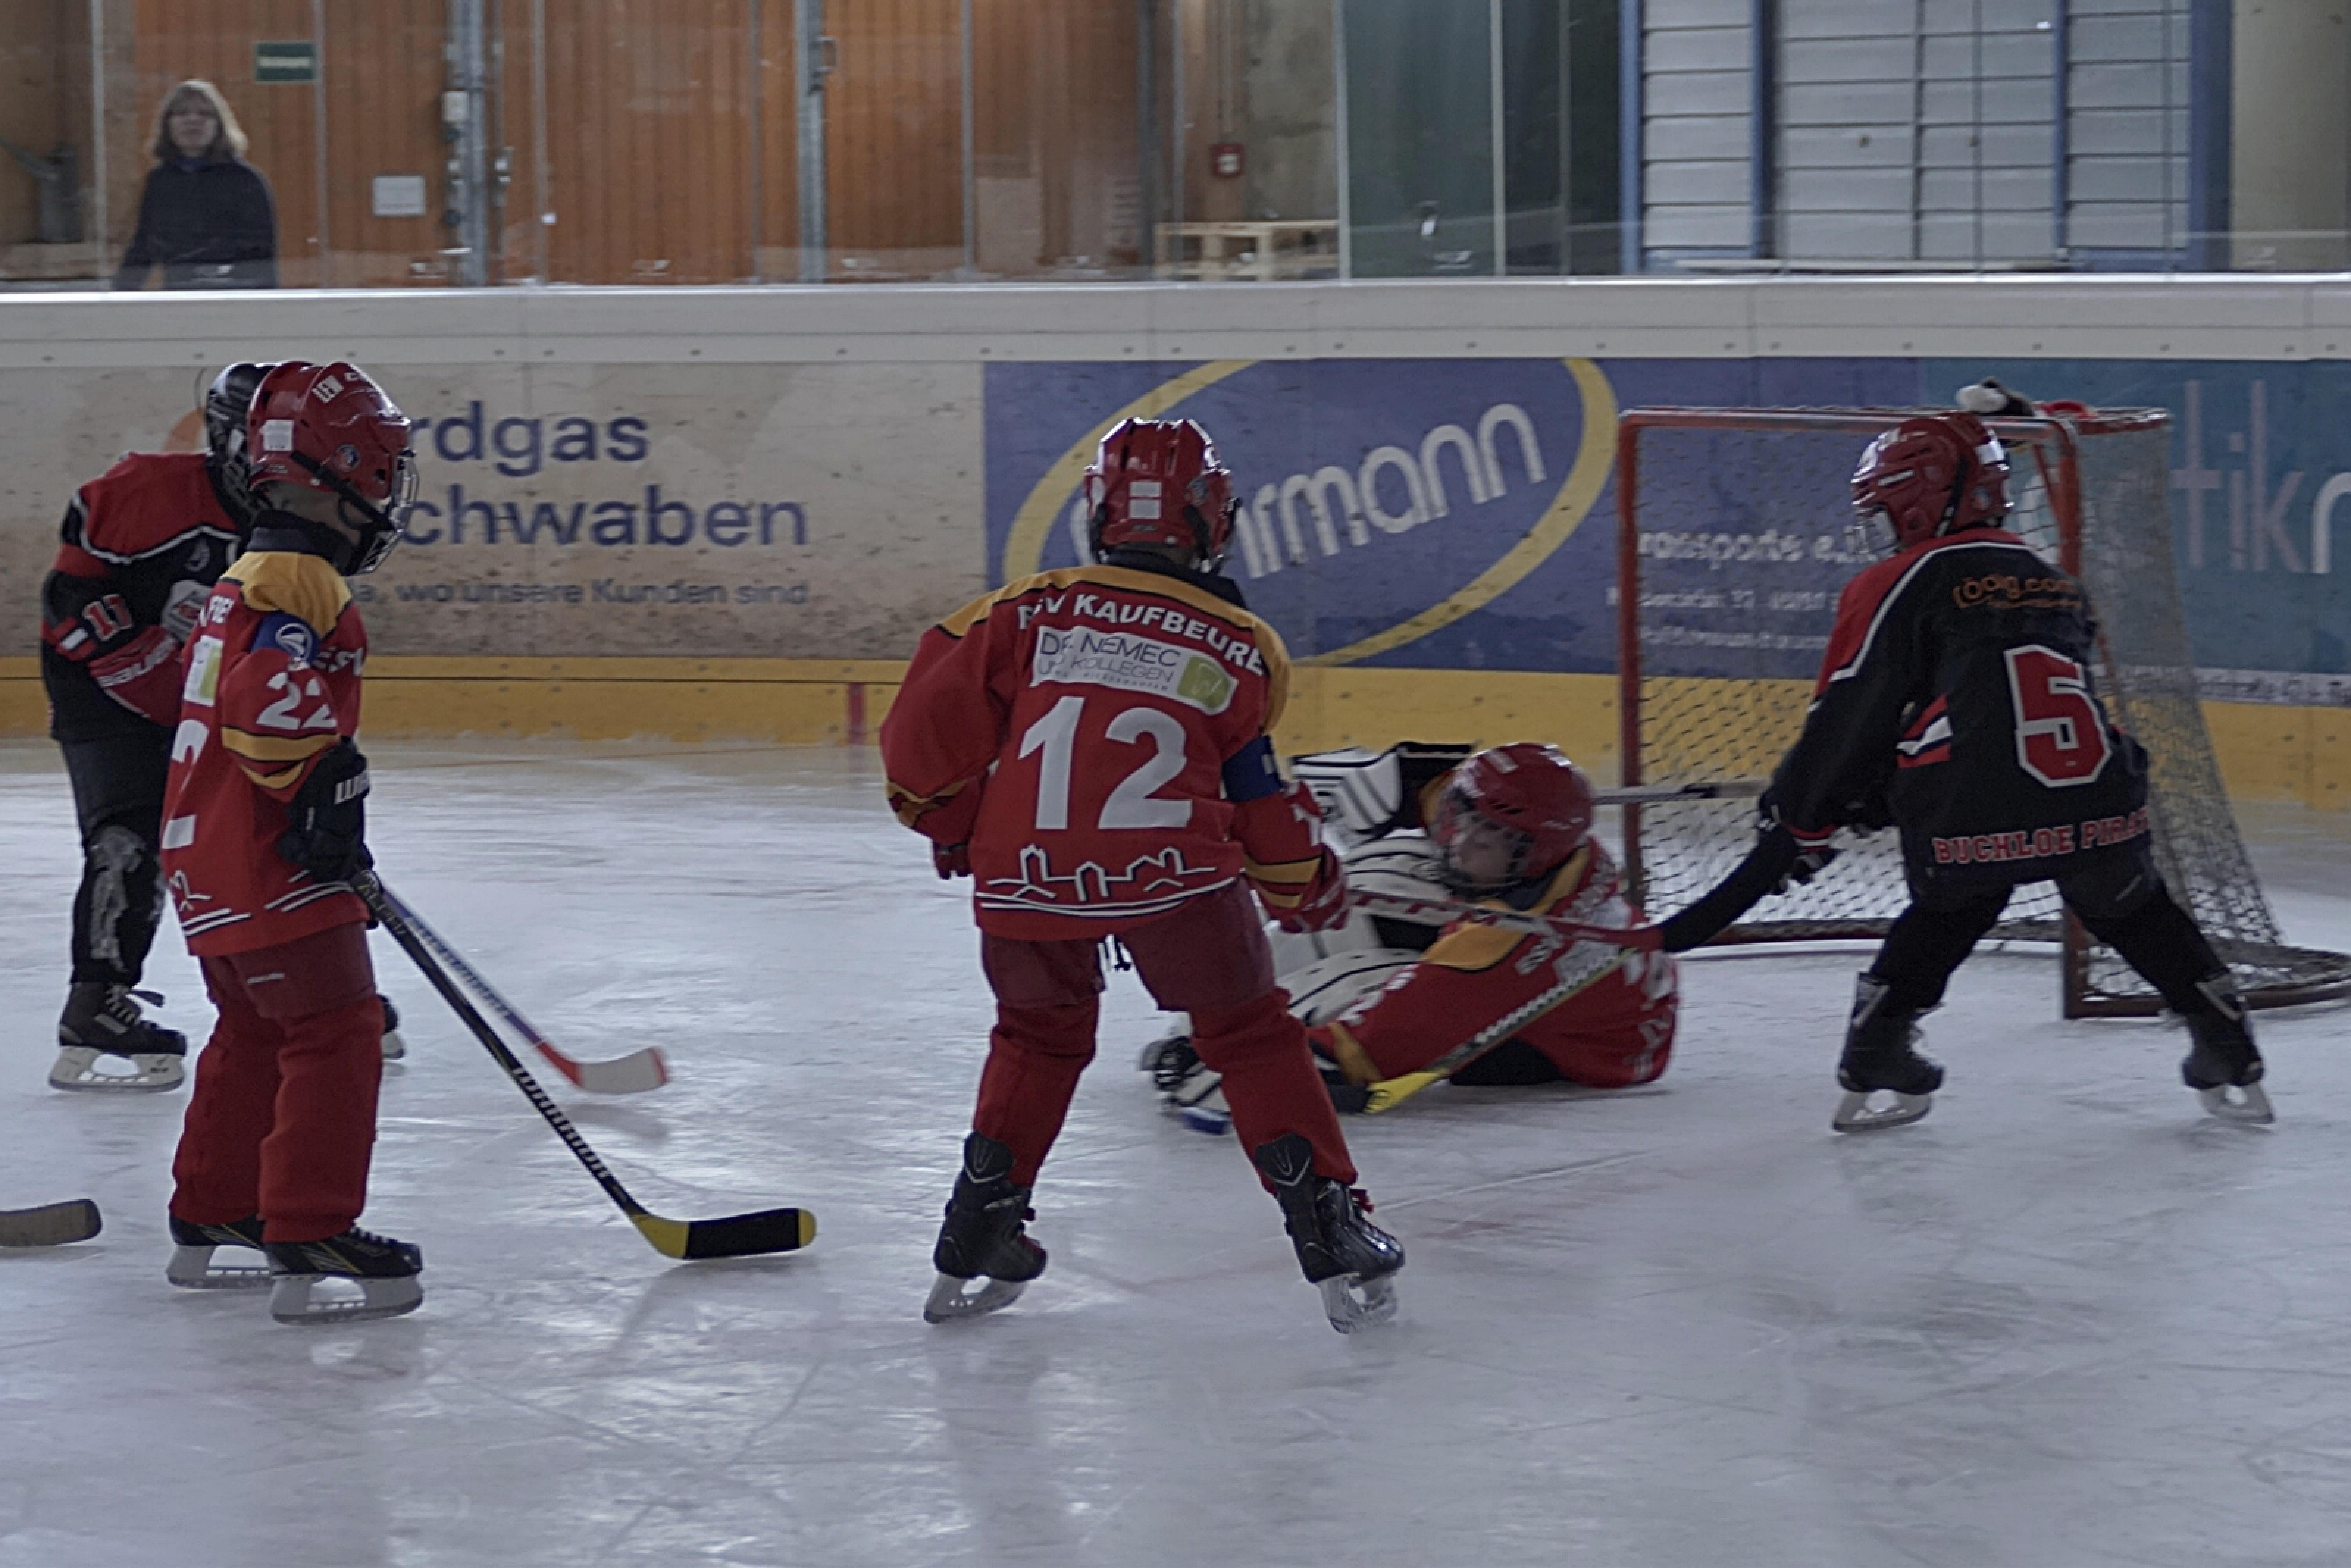 Zweites Helmut Streit Gedächtnis-Turnier 16.09 (4)